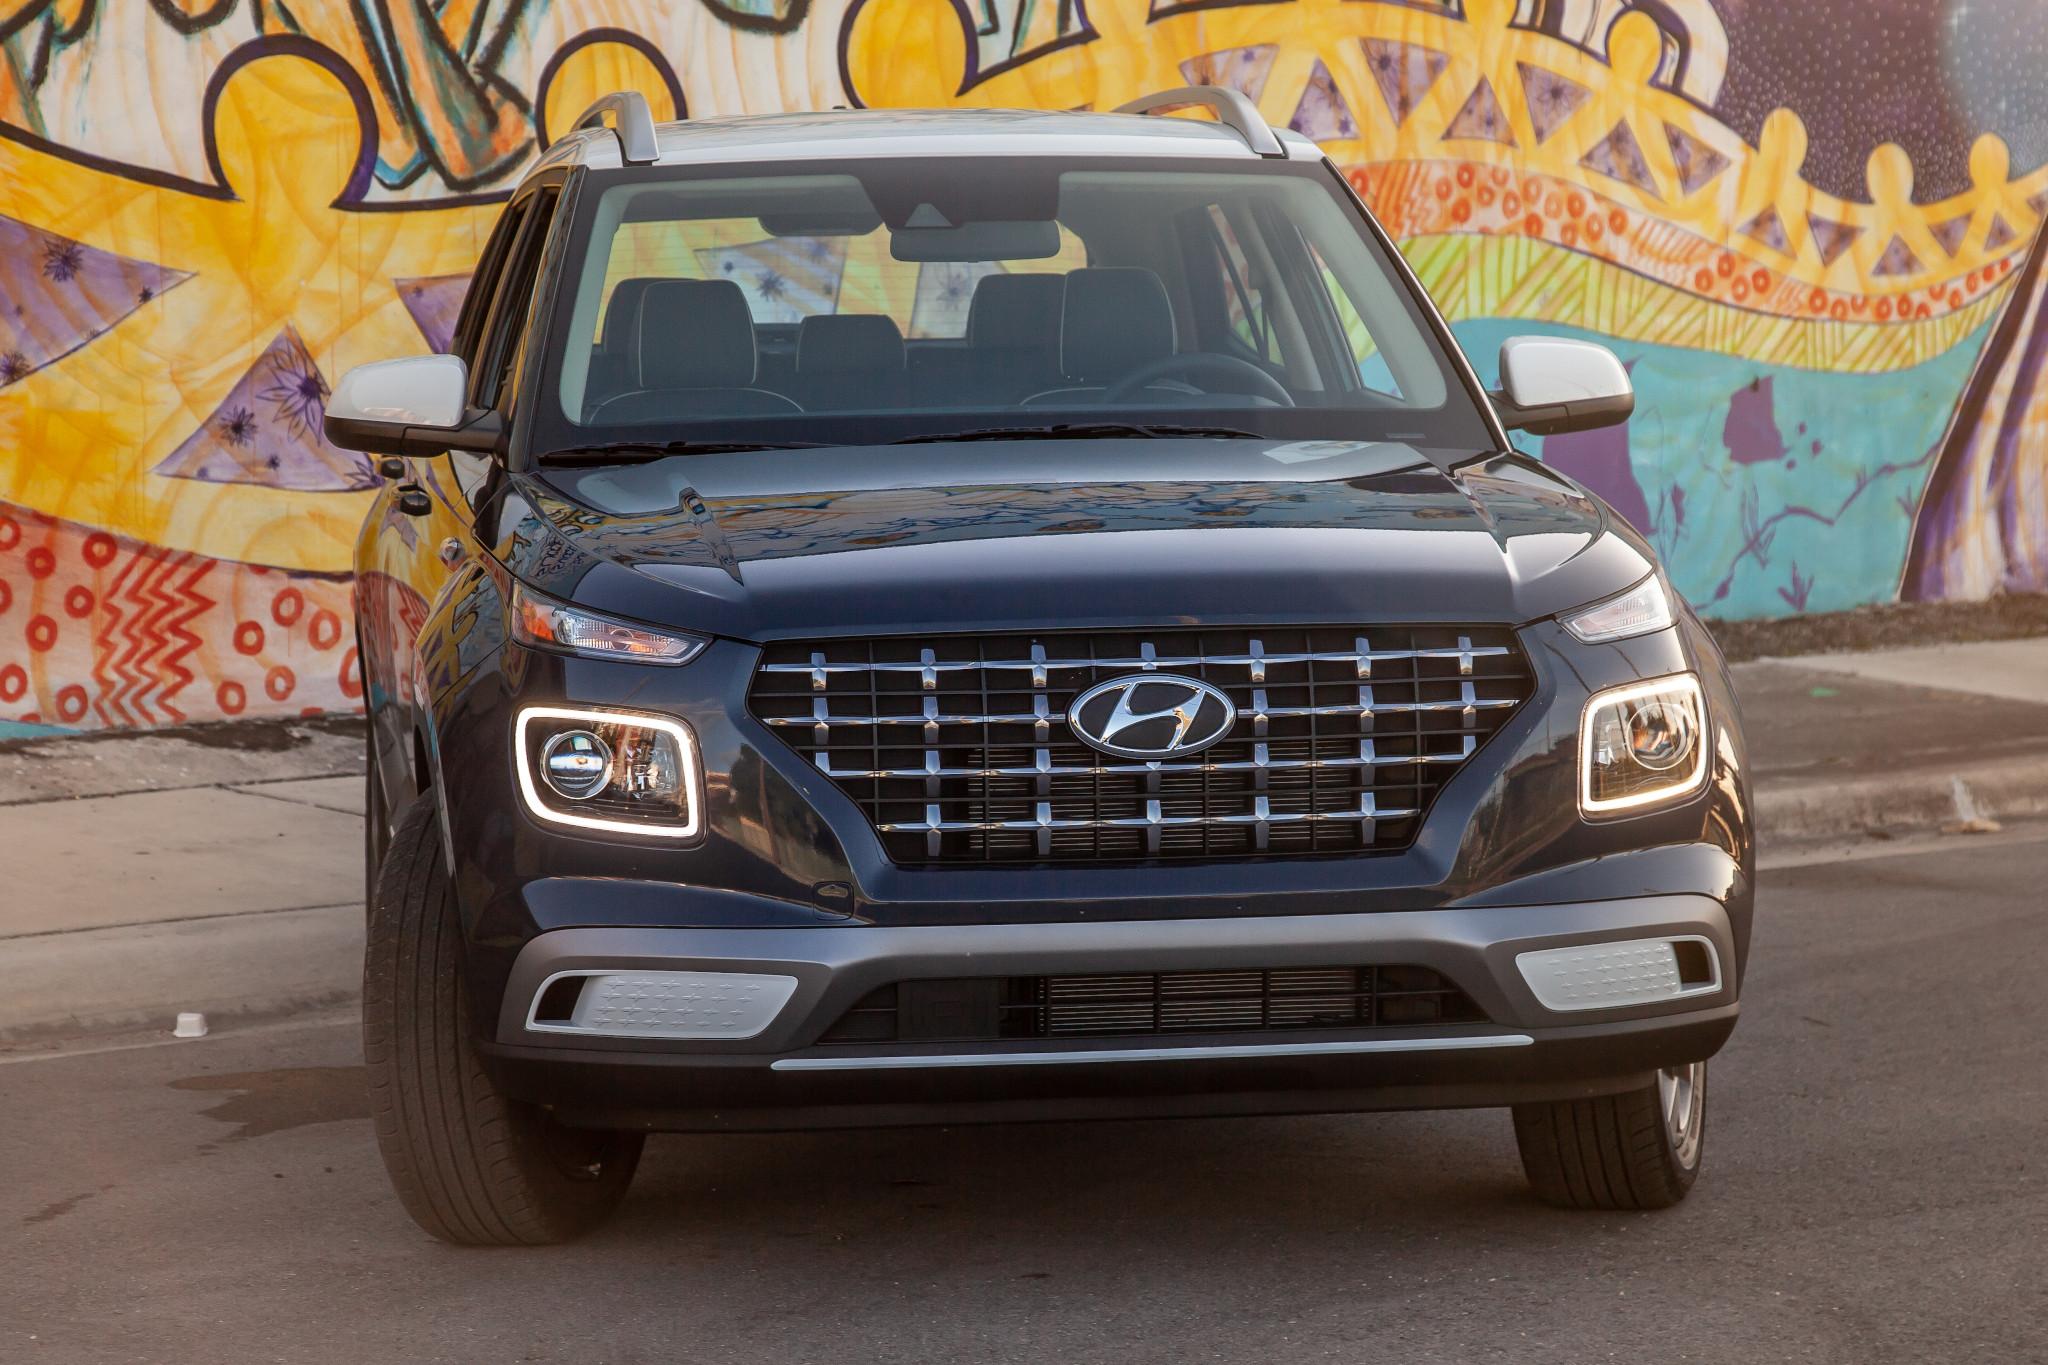 2020 Hyundai Venue: Everything You Need to Know